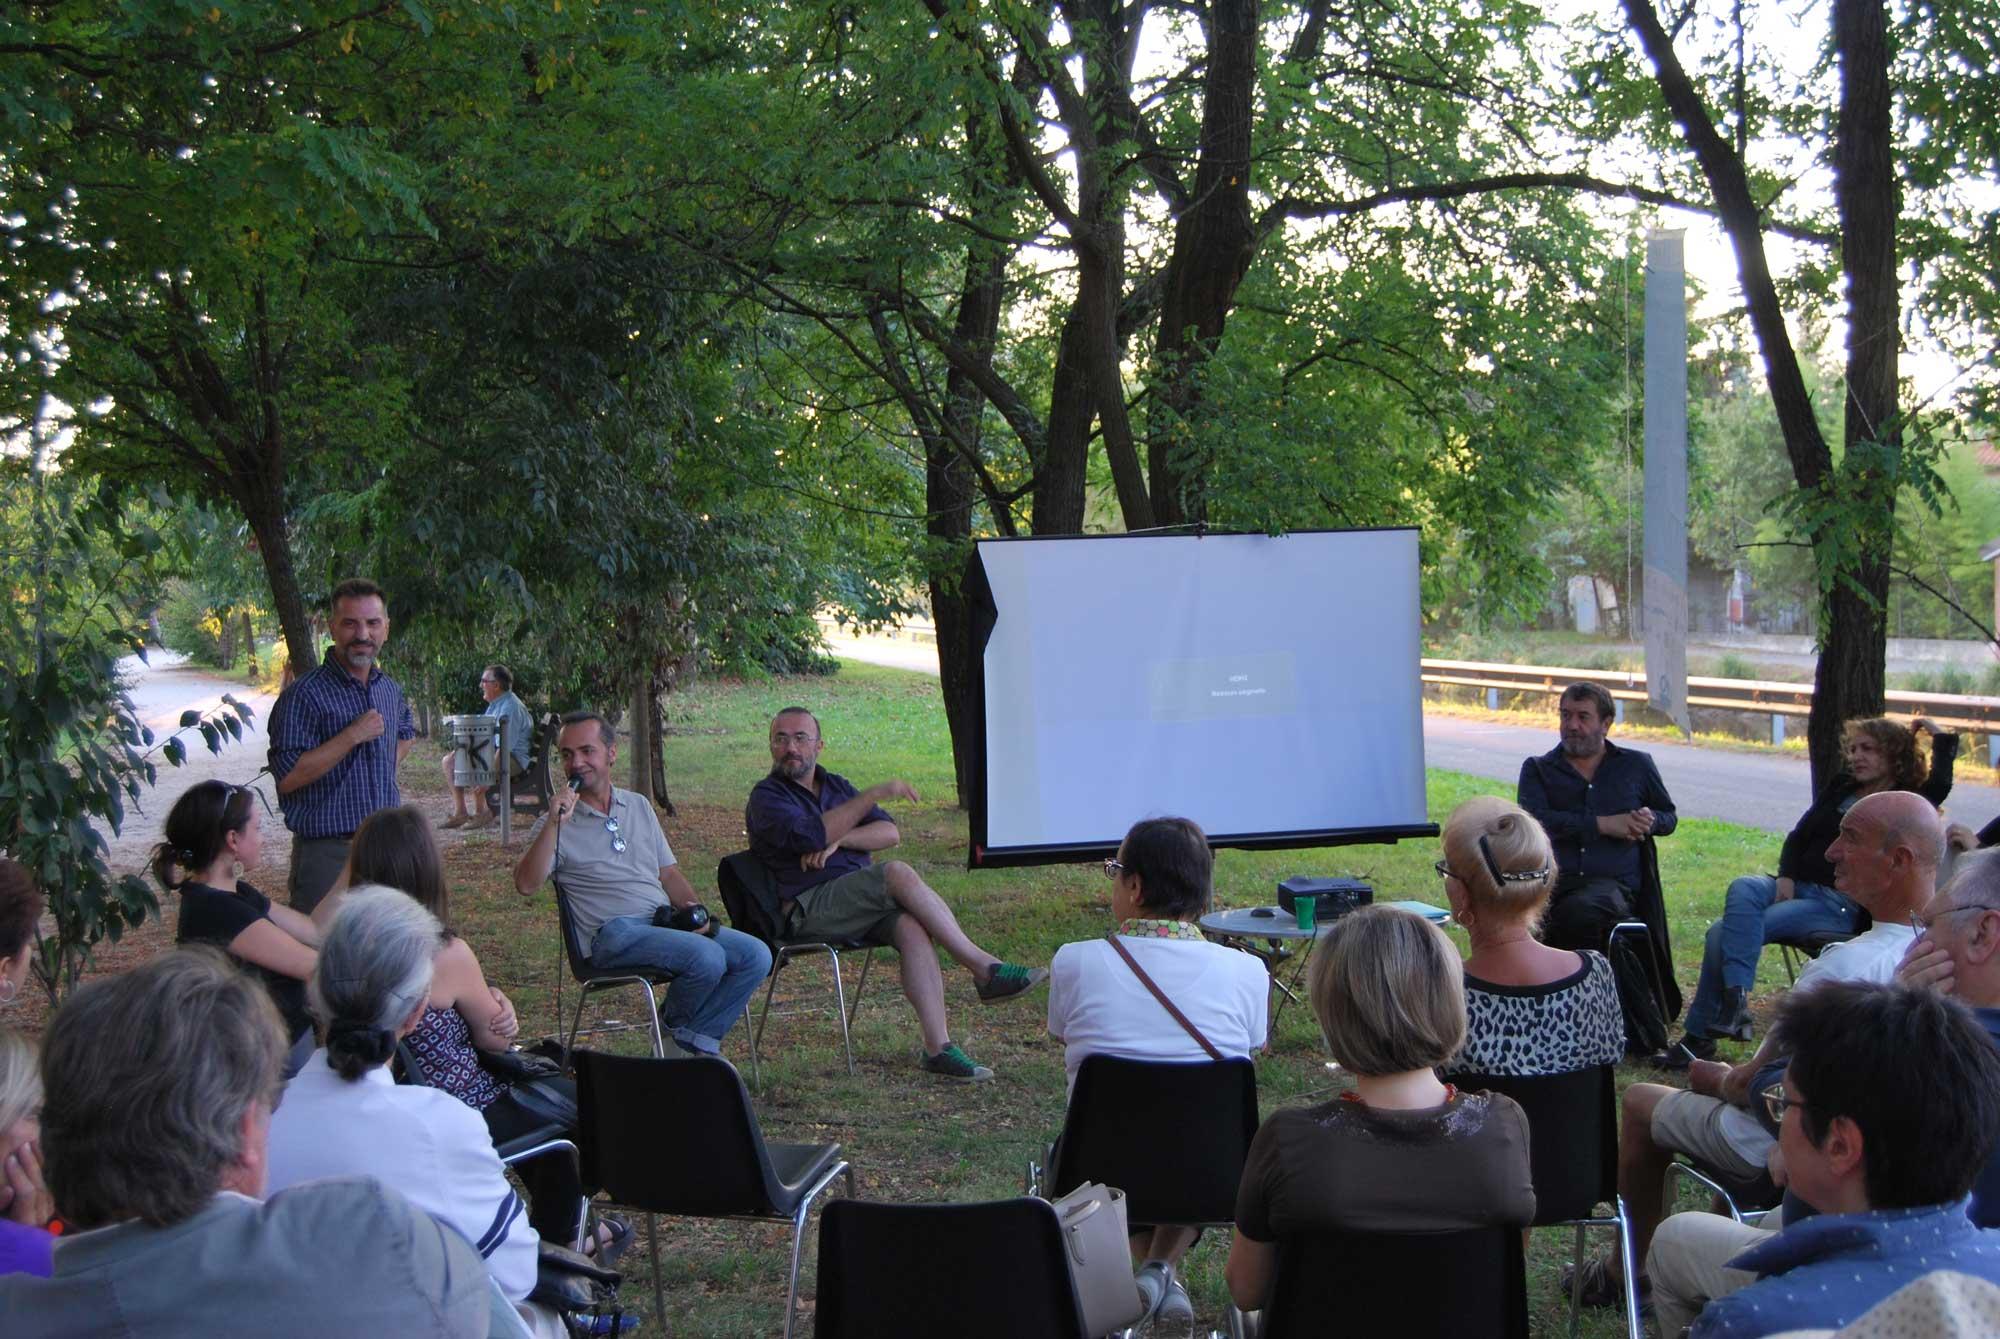 conferenza con video in giardino